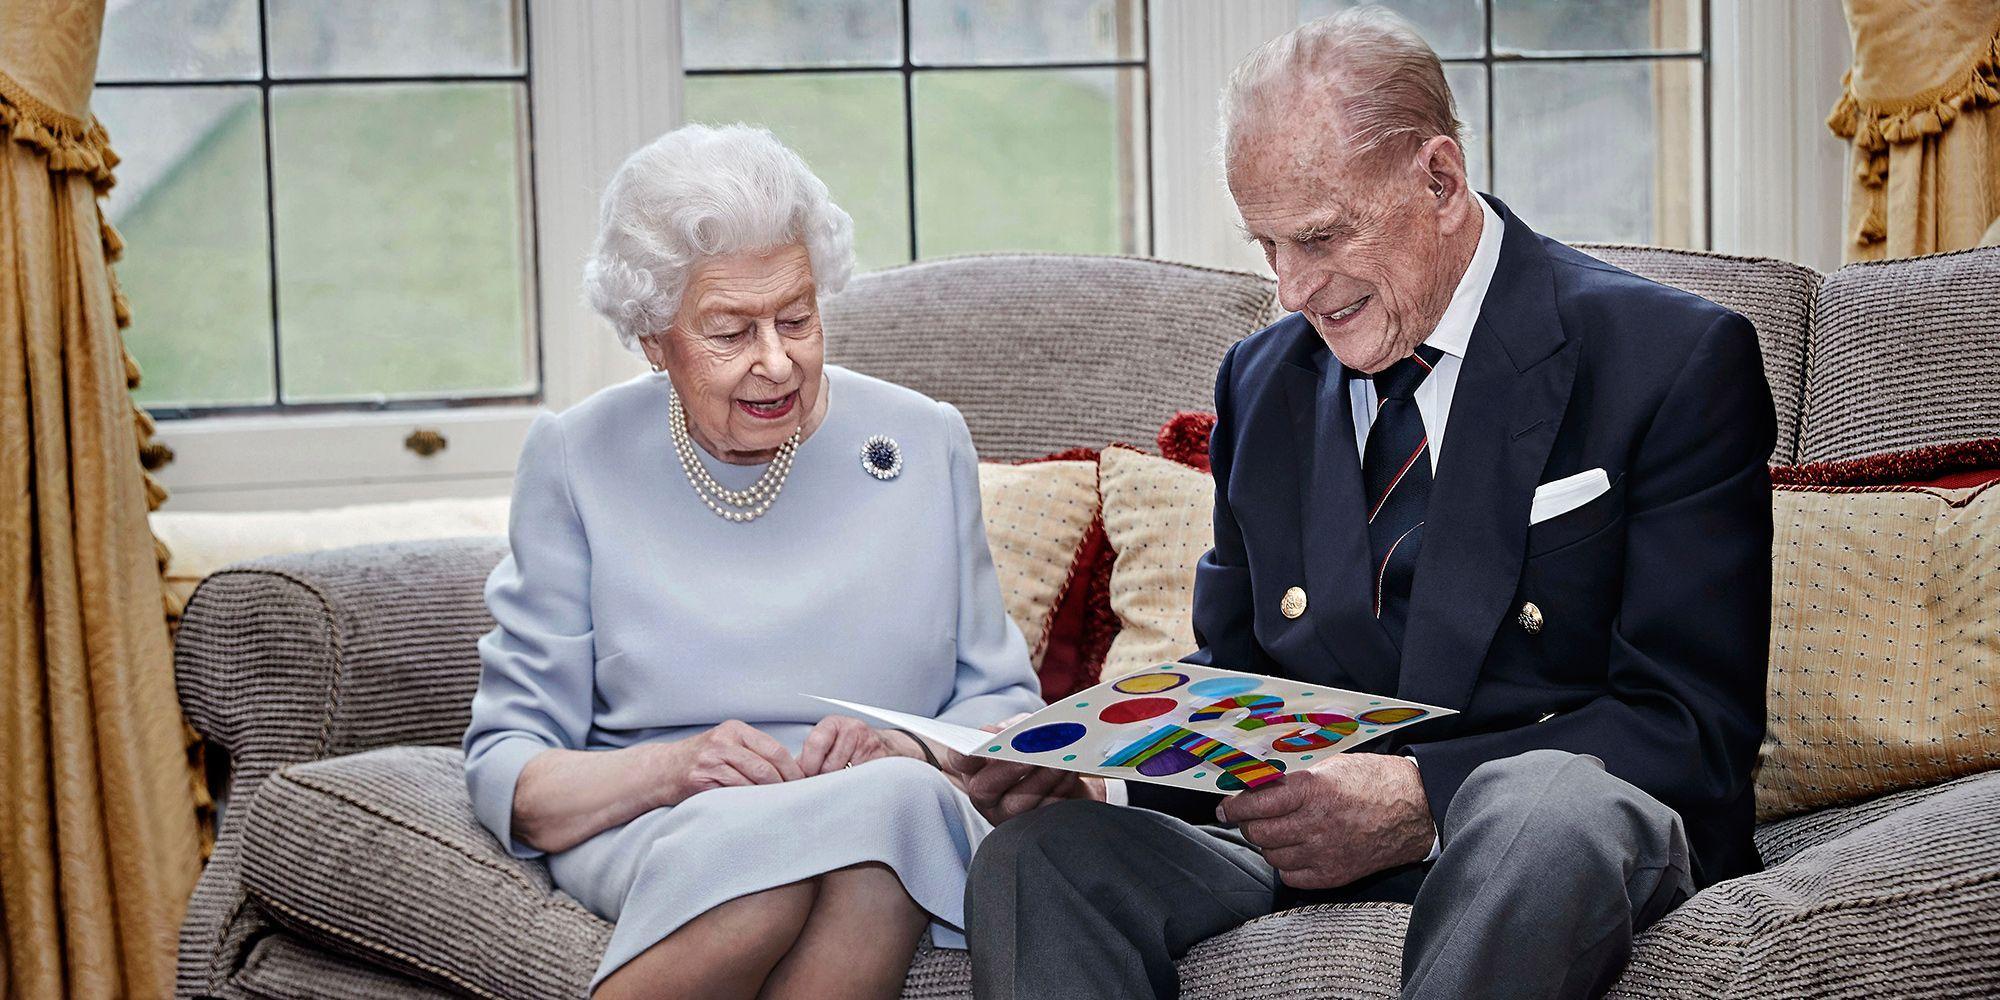 el testamento del principe felipe permanecera sellado por 90 anos para proteger a la reina isabel